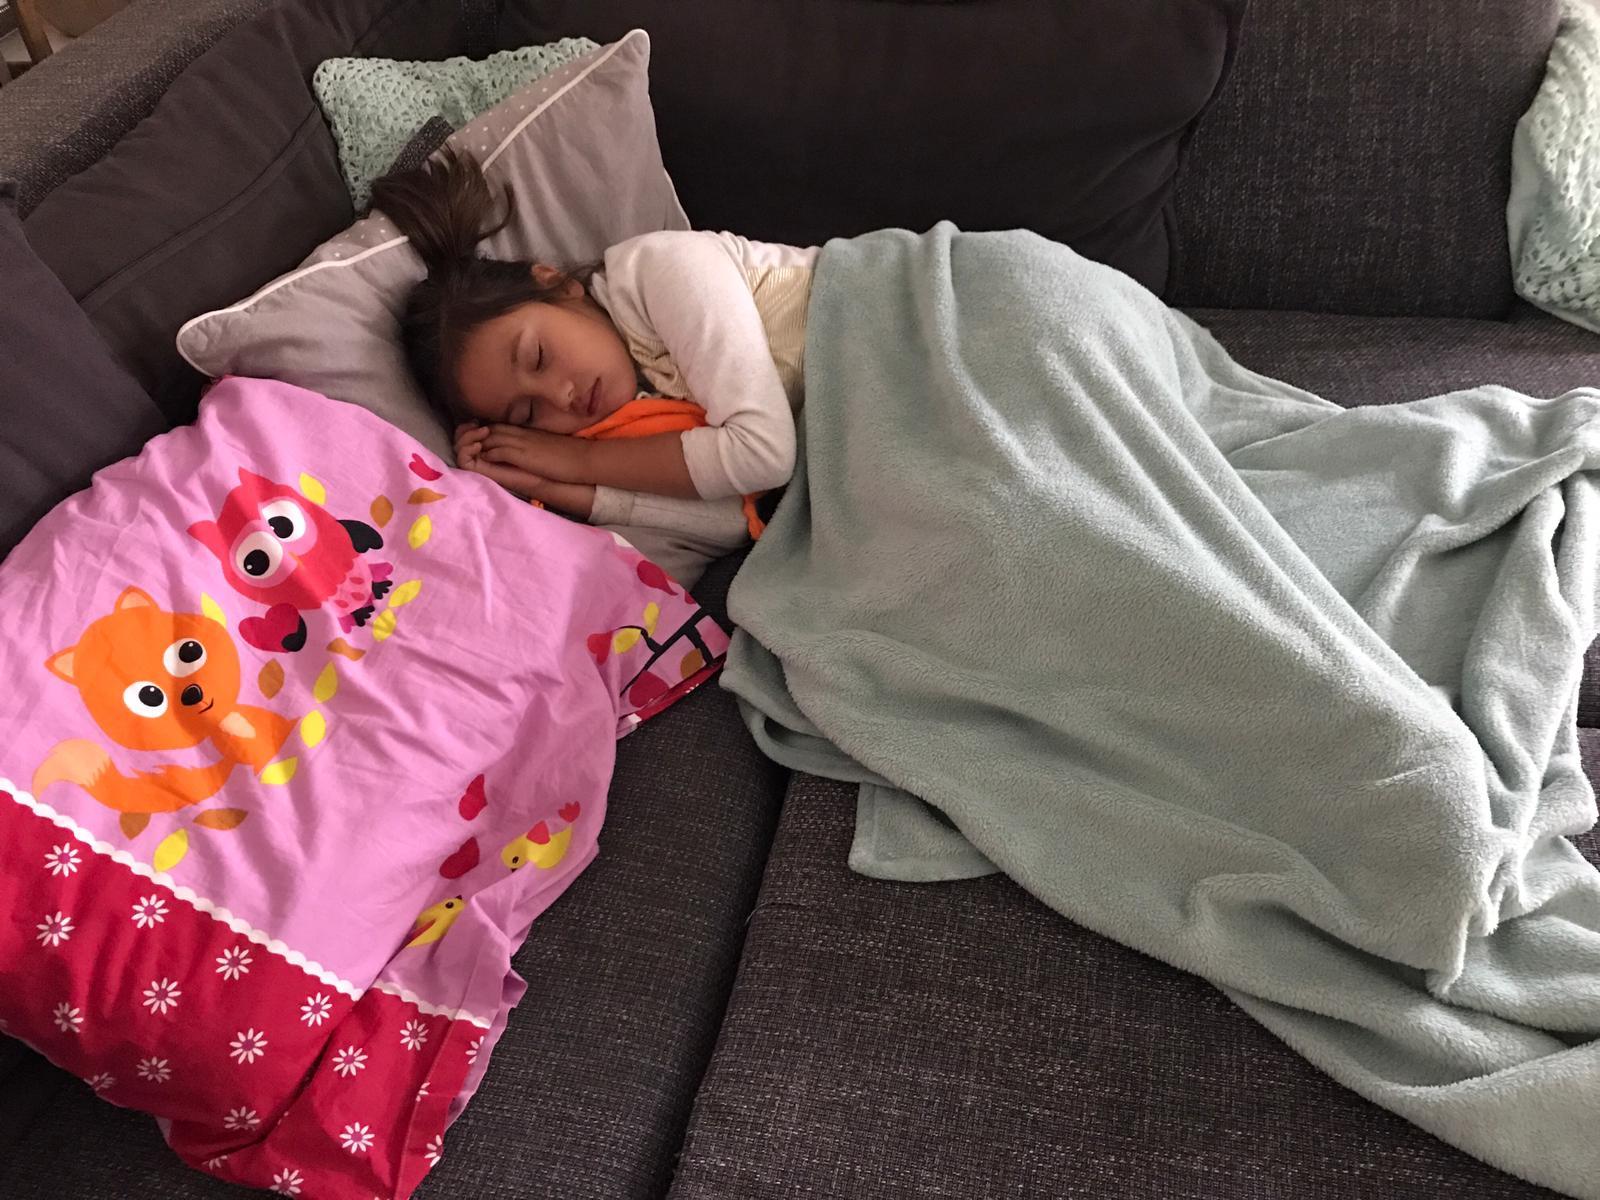 590245e11df Sinds de zware aanvallen hebben mijn vrouw en ik besloten om gelijk bij  haar te gaan liggen, op het moment dat we naar bed gingen. Natuurlijk met  als reden ...